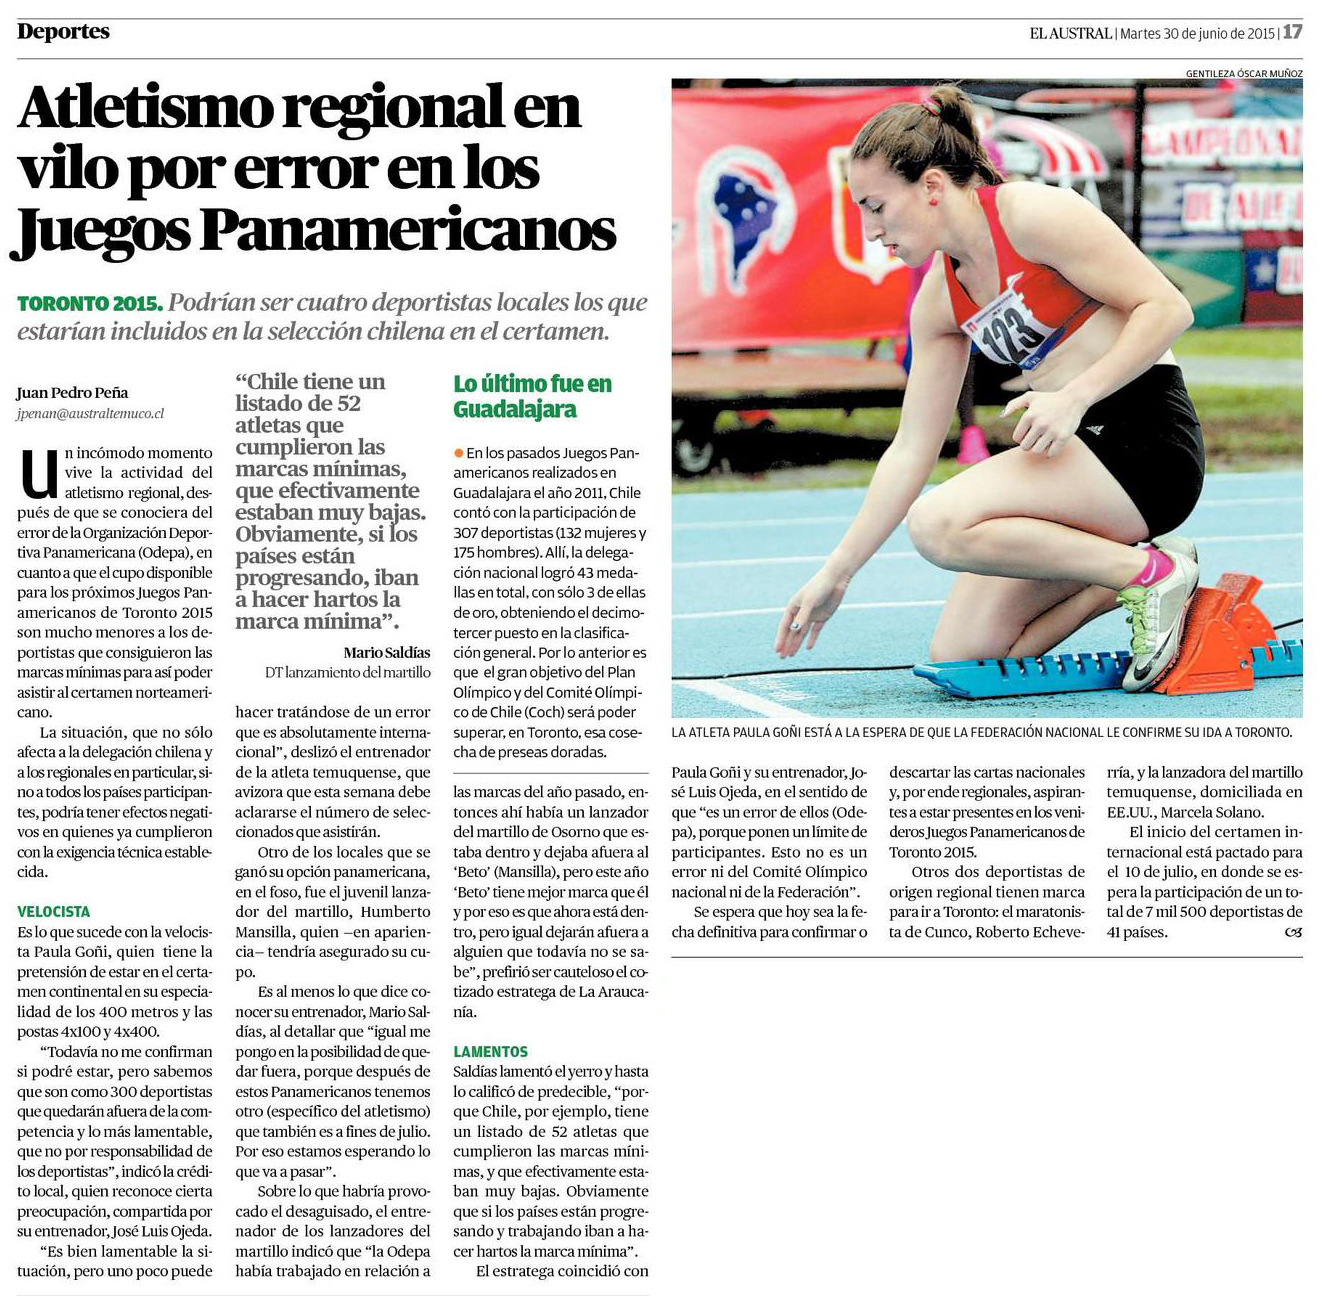 30-06-2015 Atletismo regional en vilo por error en los Juegos Panamericanos